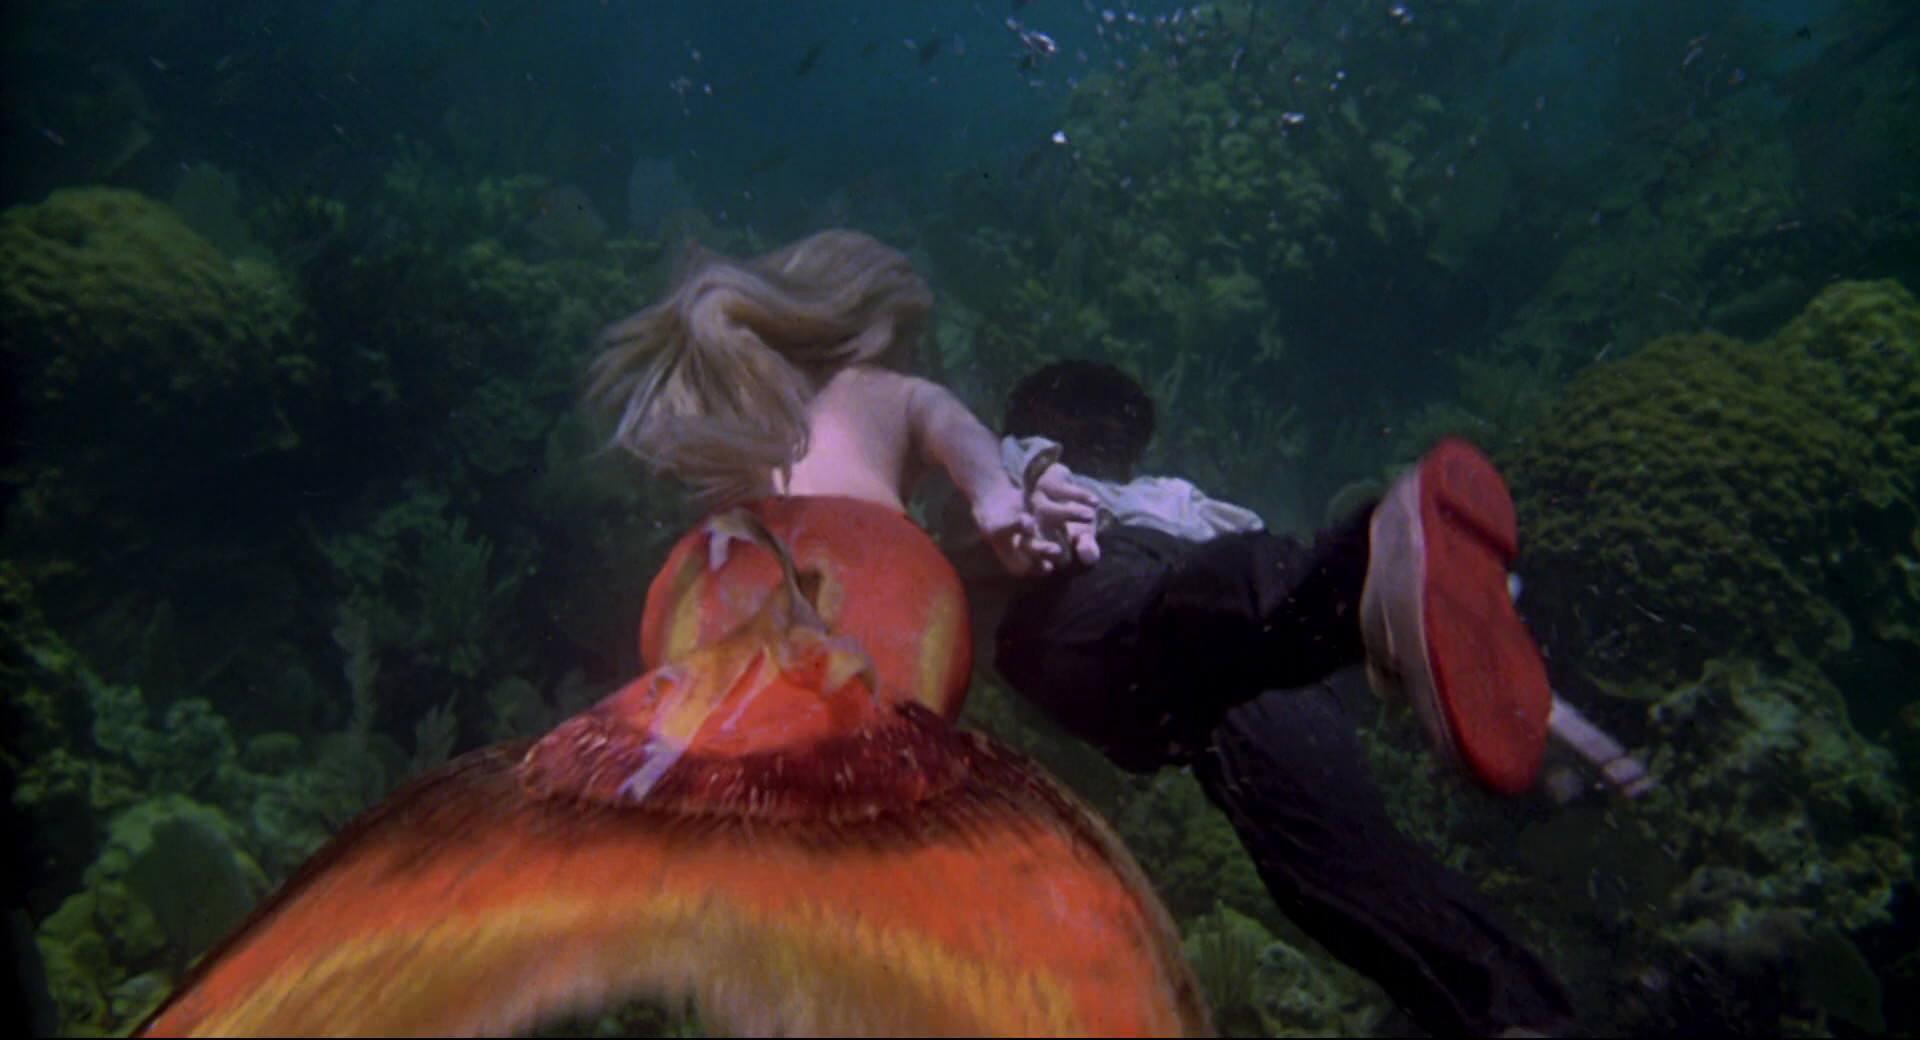 SPLASH Daryl Hannah mermaid tail Tom Hanks shoes